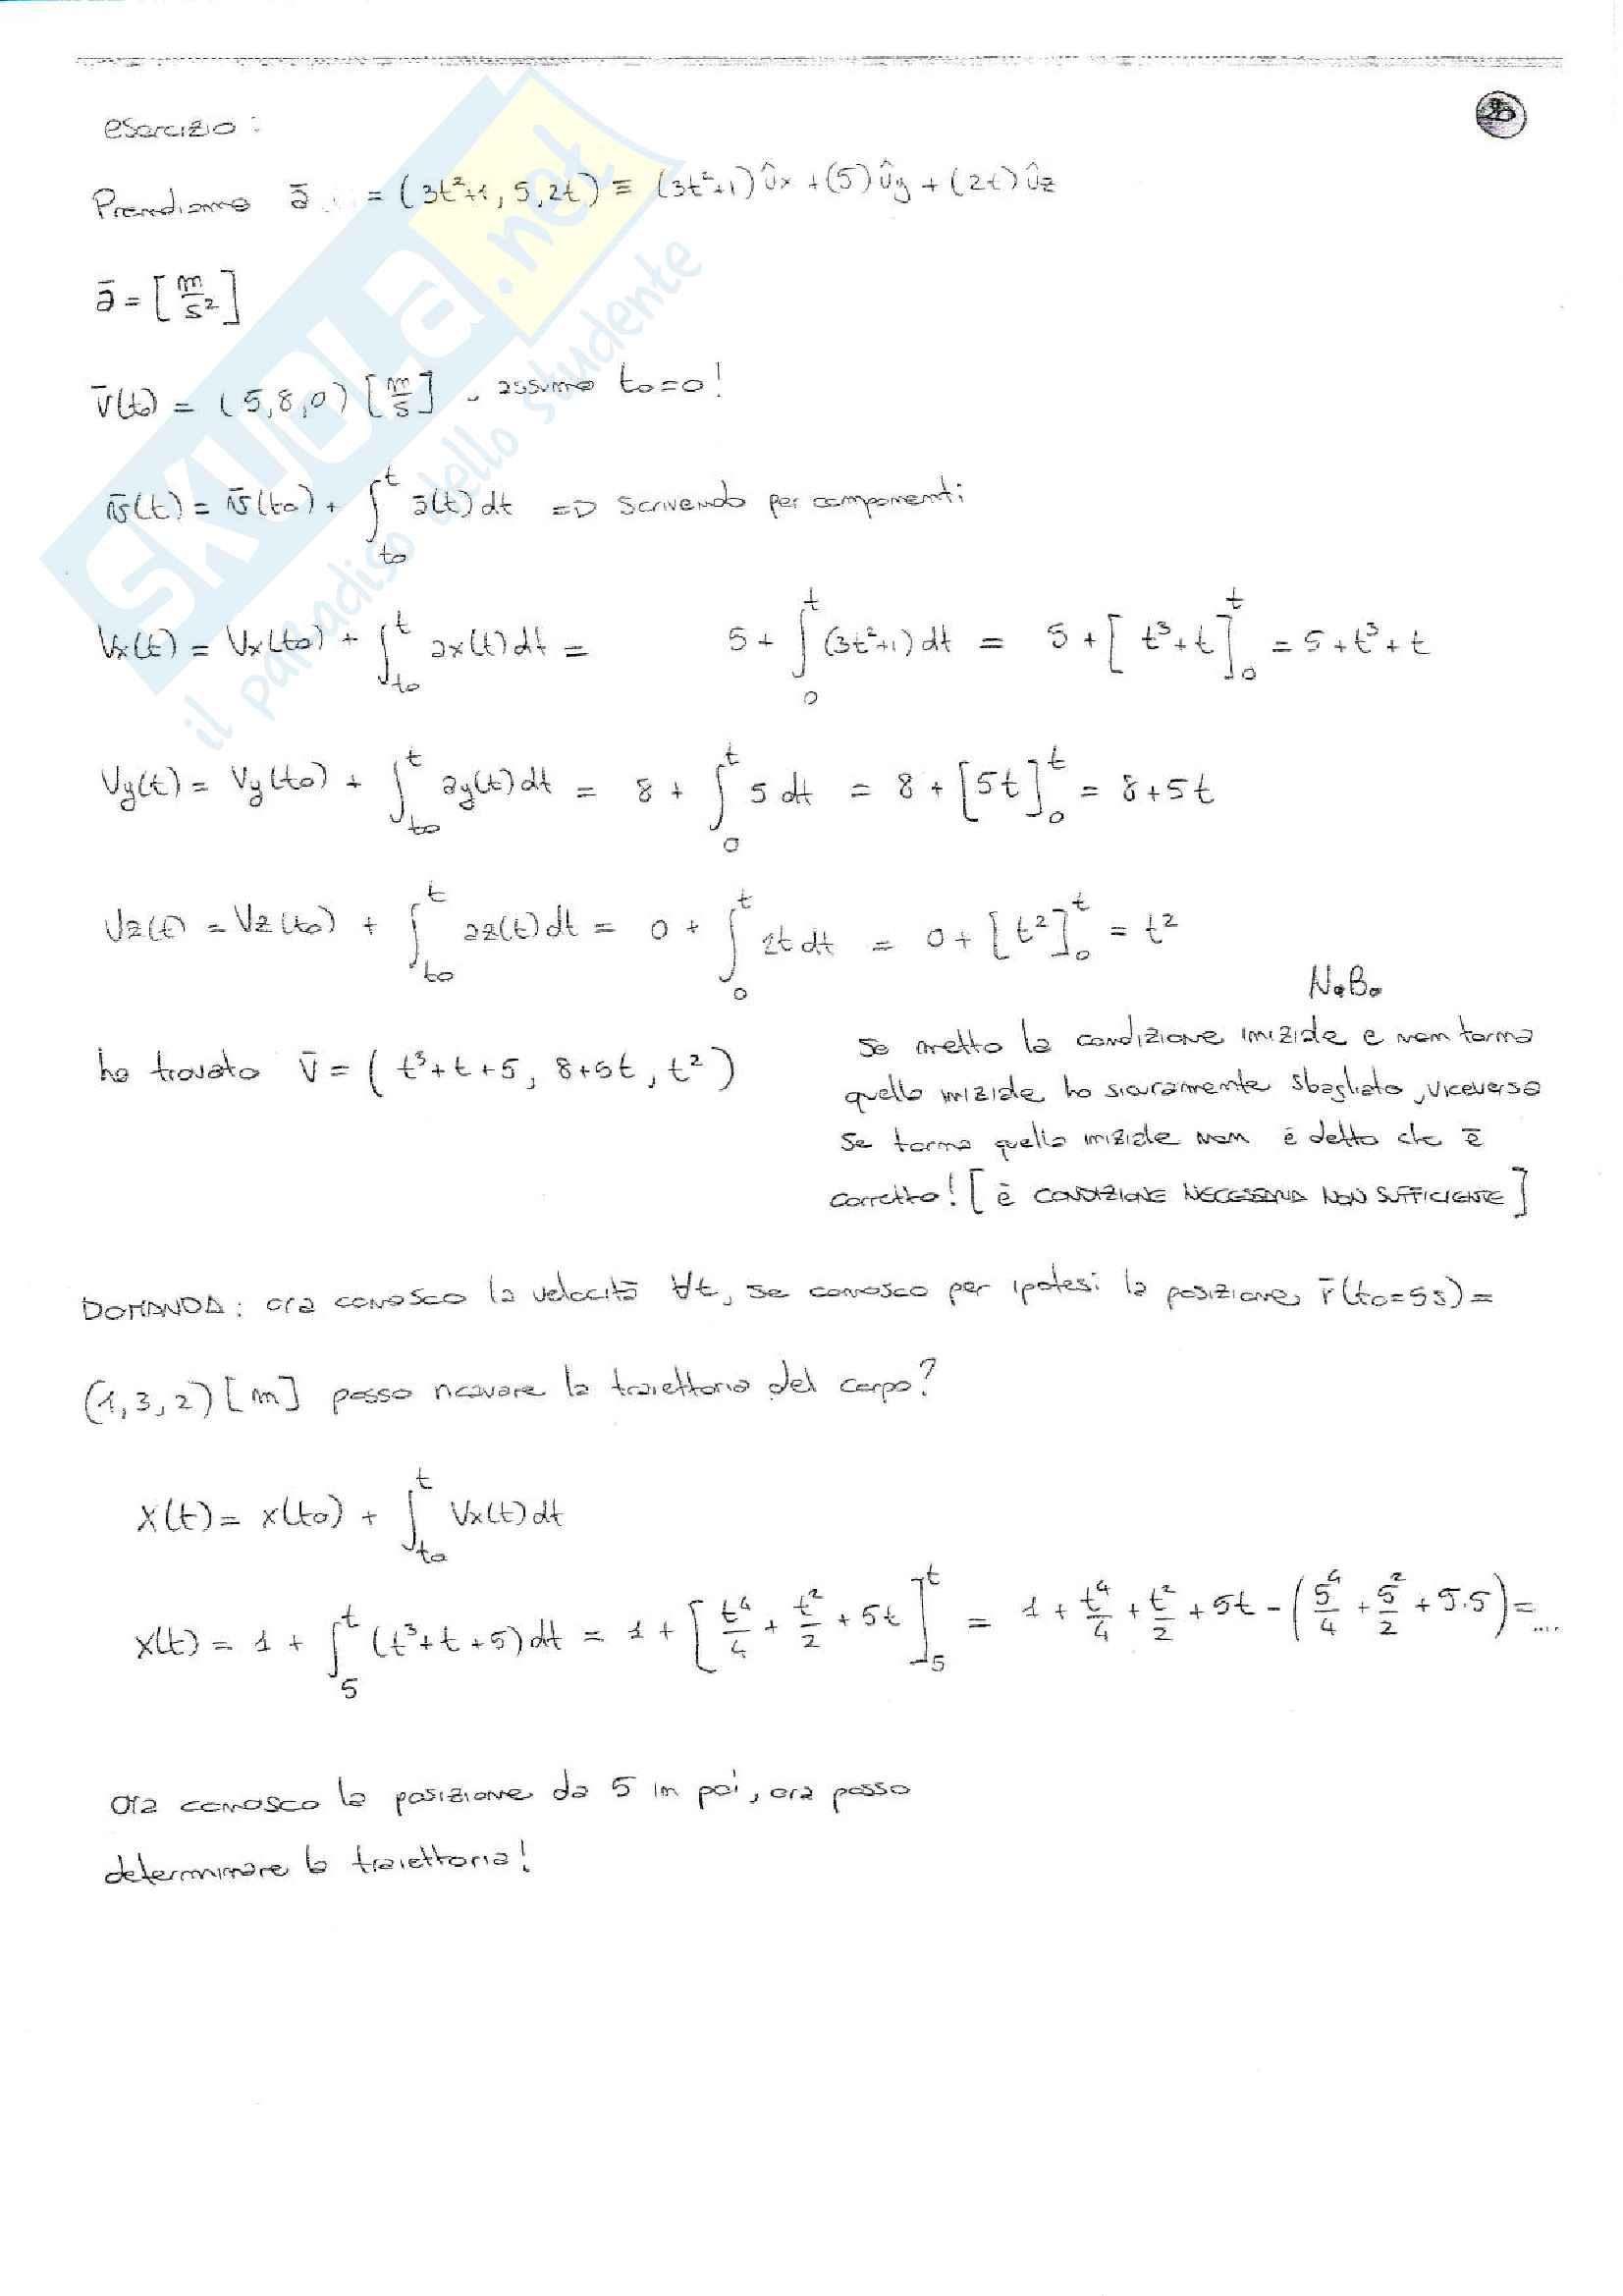 Riassunto e sintesi in schemi esame Fisica 1, prof. Barucca, libri consigliati: Elementi di Fisica - Meccanica - Termodinamica, Mazzoldi - Nigro - Voci; Fisica 1, Vannini - Gettys; Fisica - Volume 1, Mazzoldi - Nigro - Voci Pag. 21